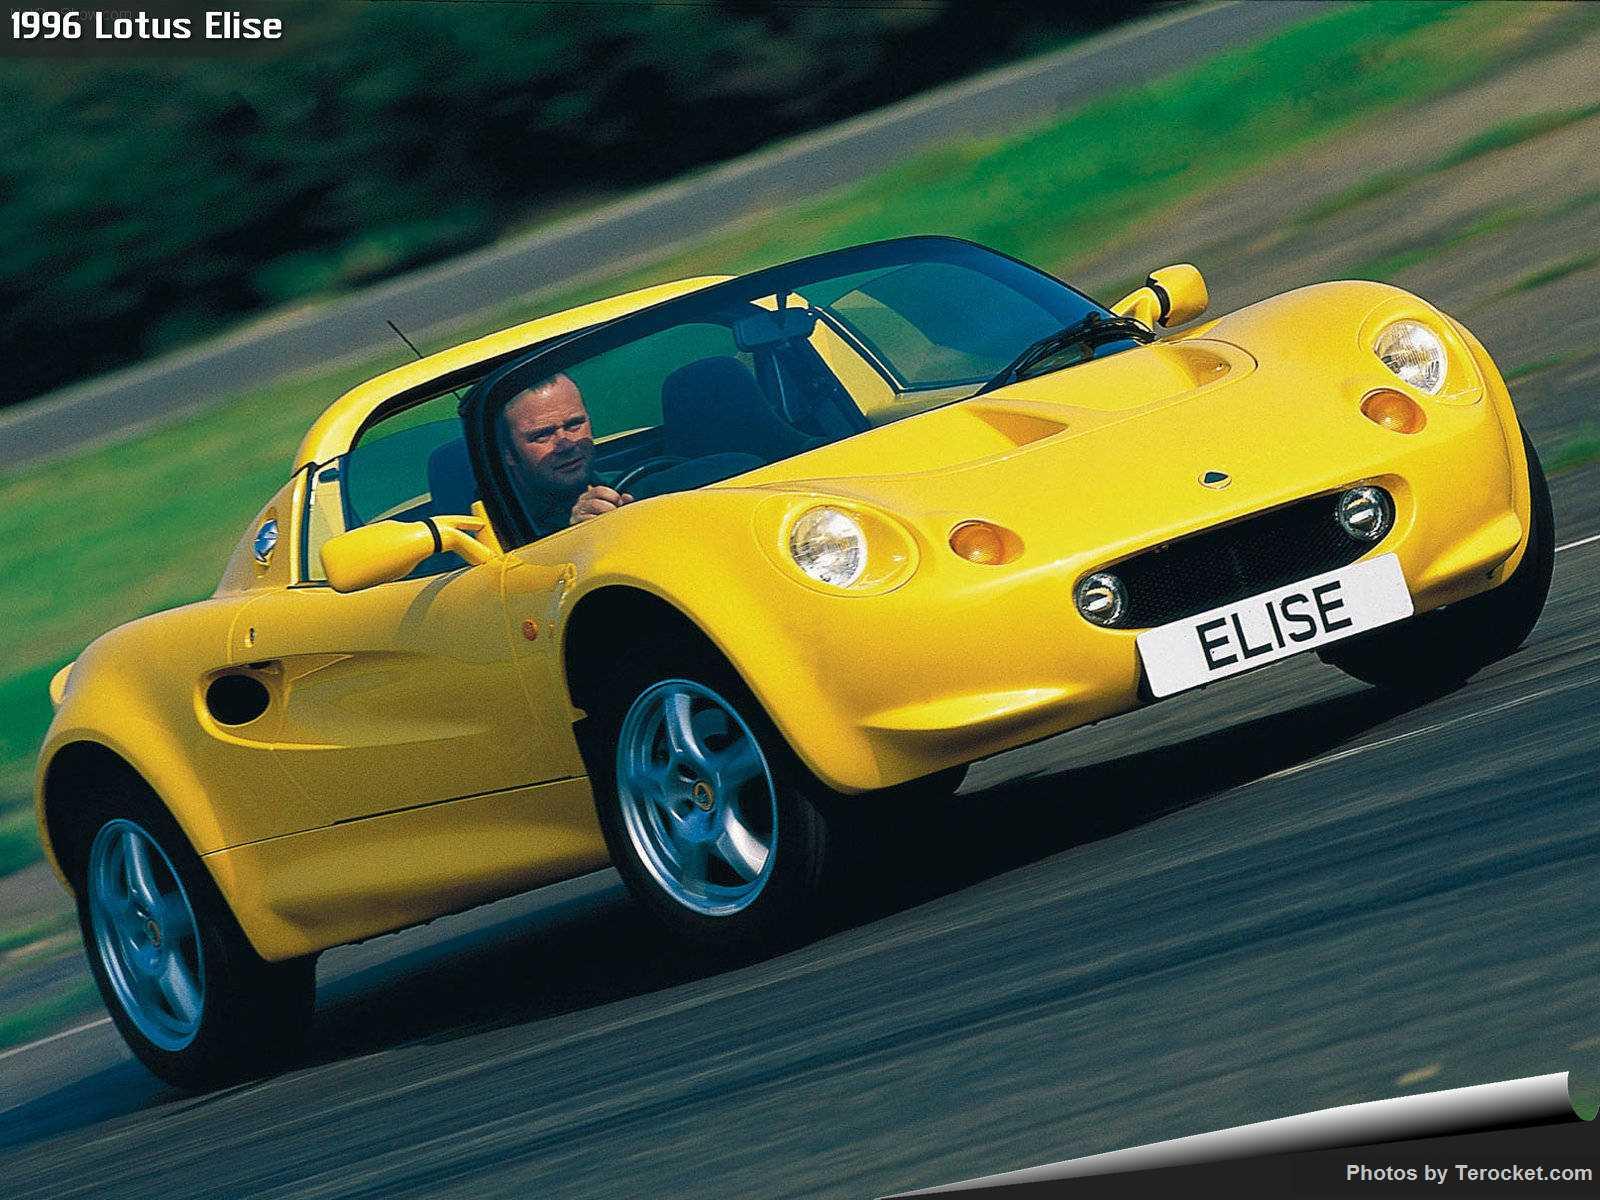 Hình ảnh siêu xe Lotus Elise 1996 & nội ngoại thất